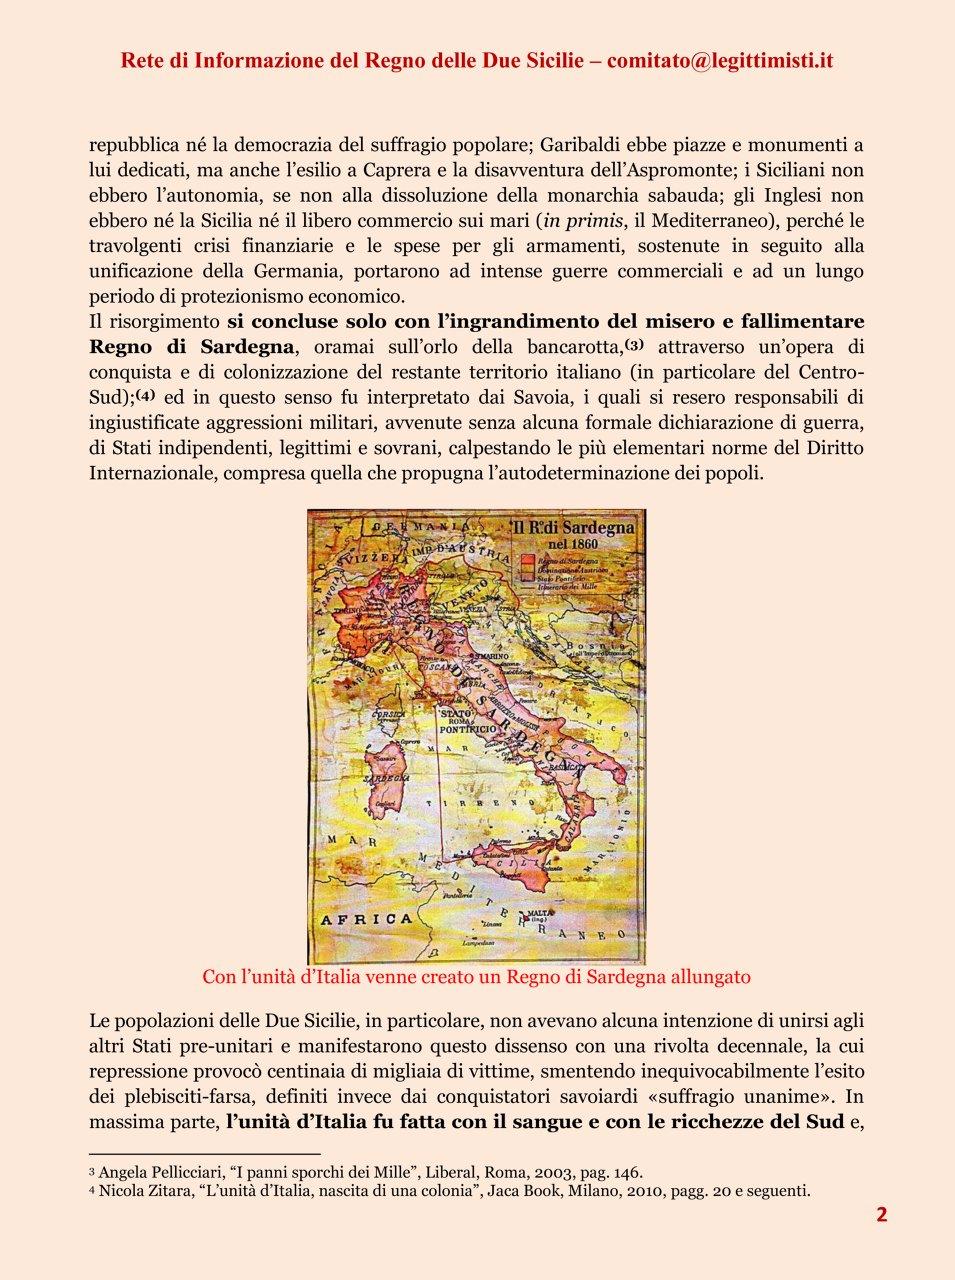 Il risorgimento italiano e la réclame Garibaldi 2#001